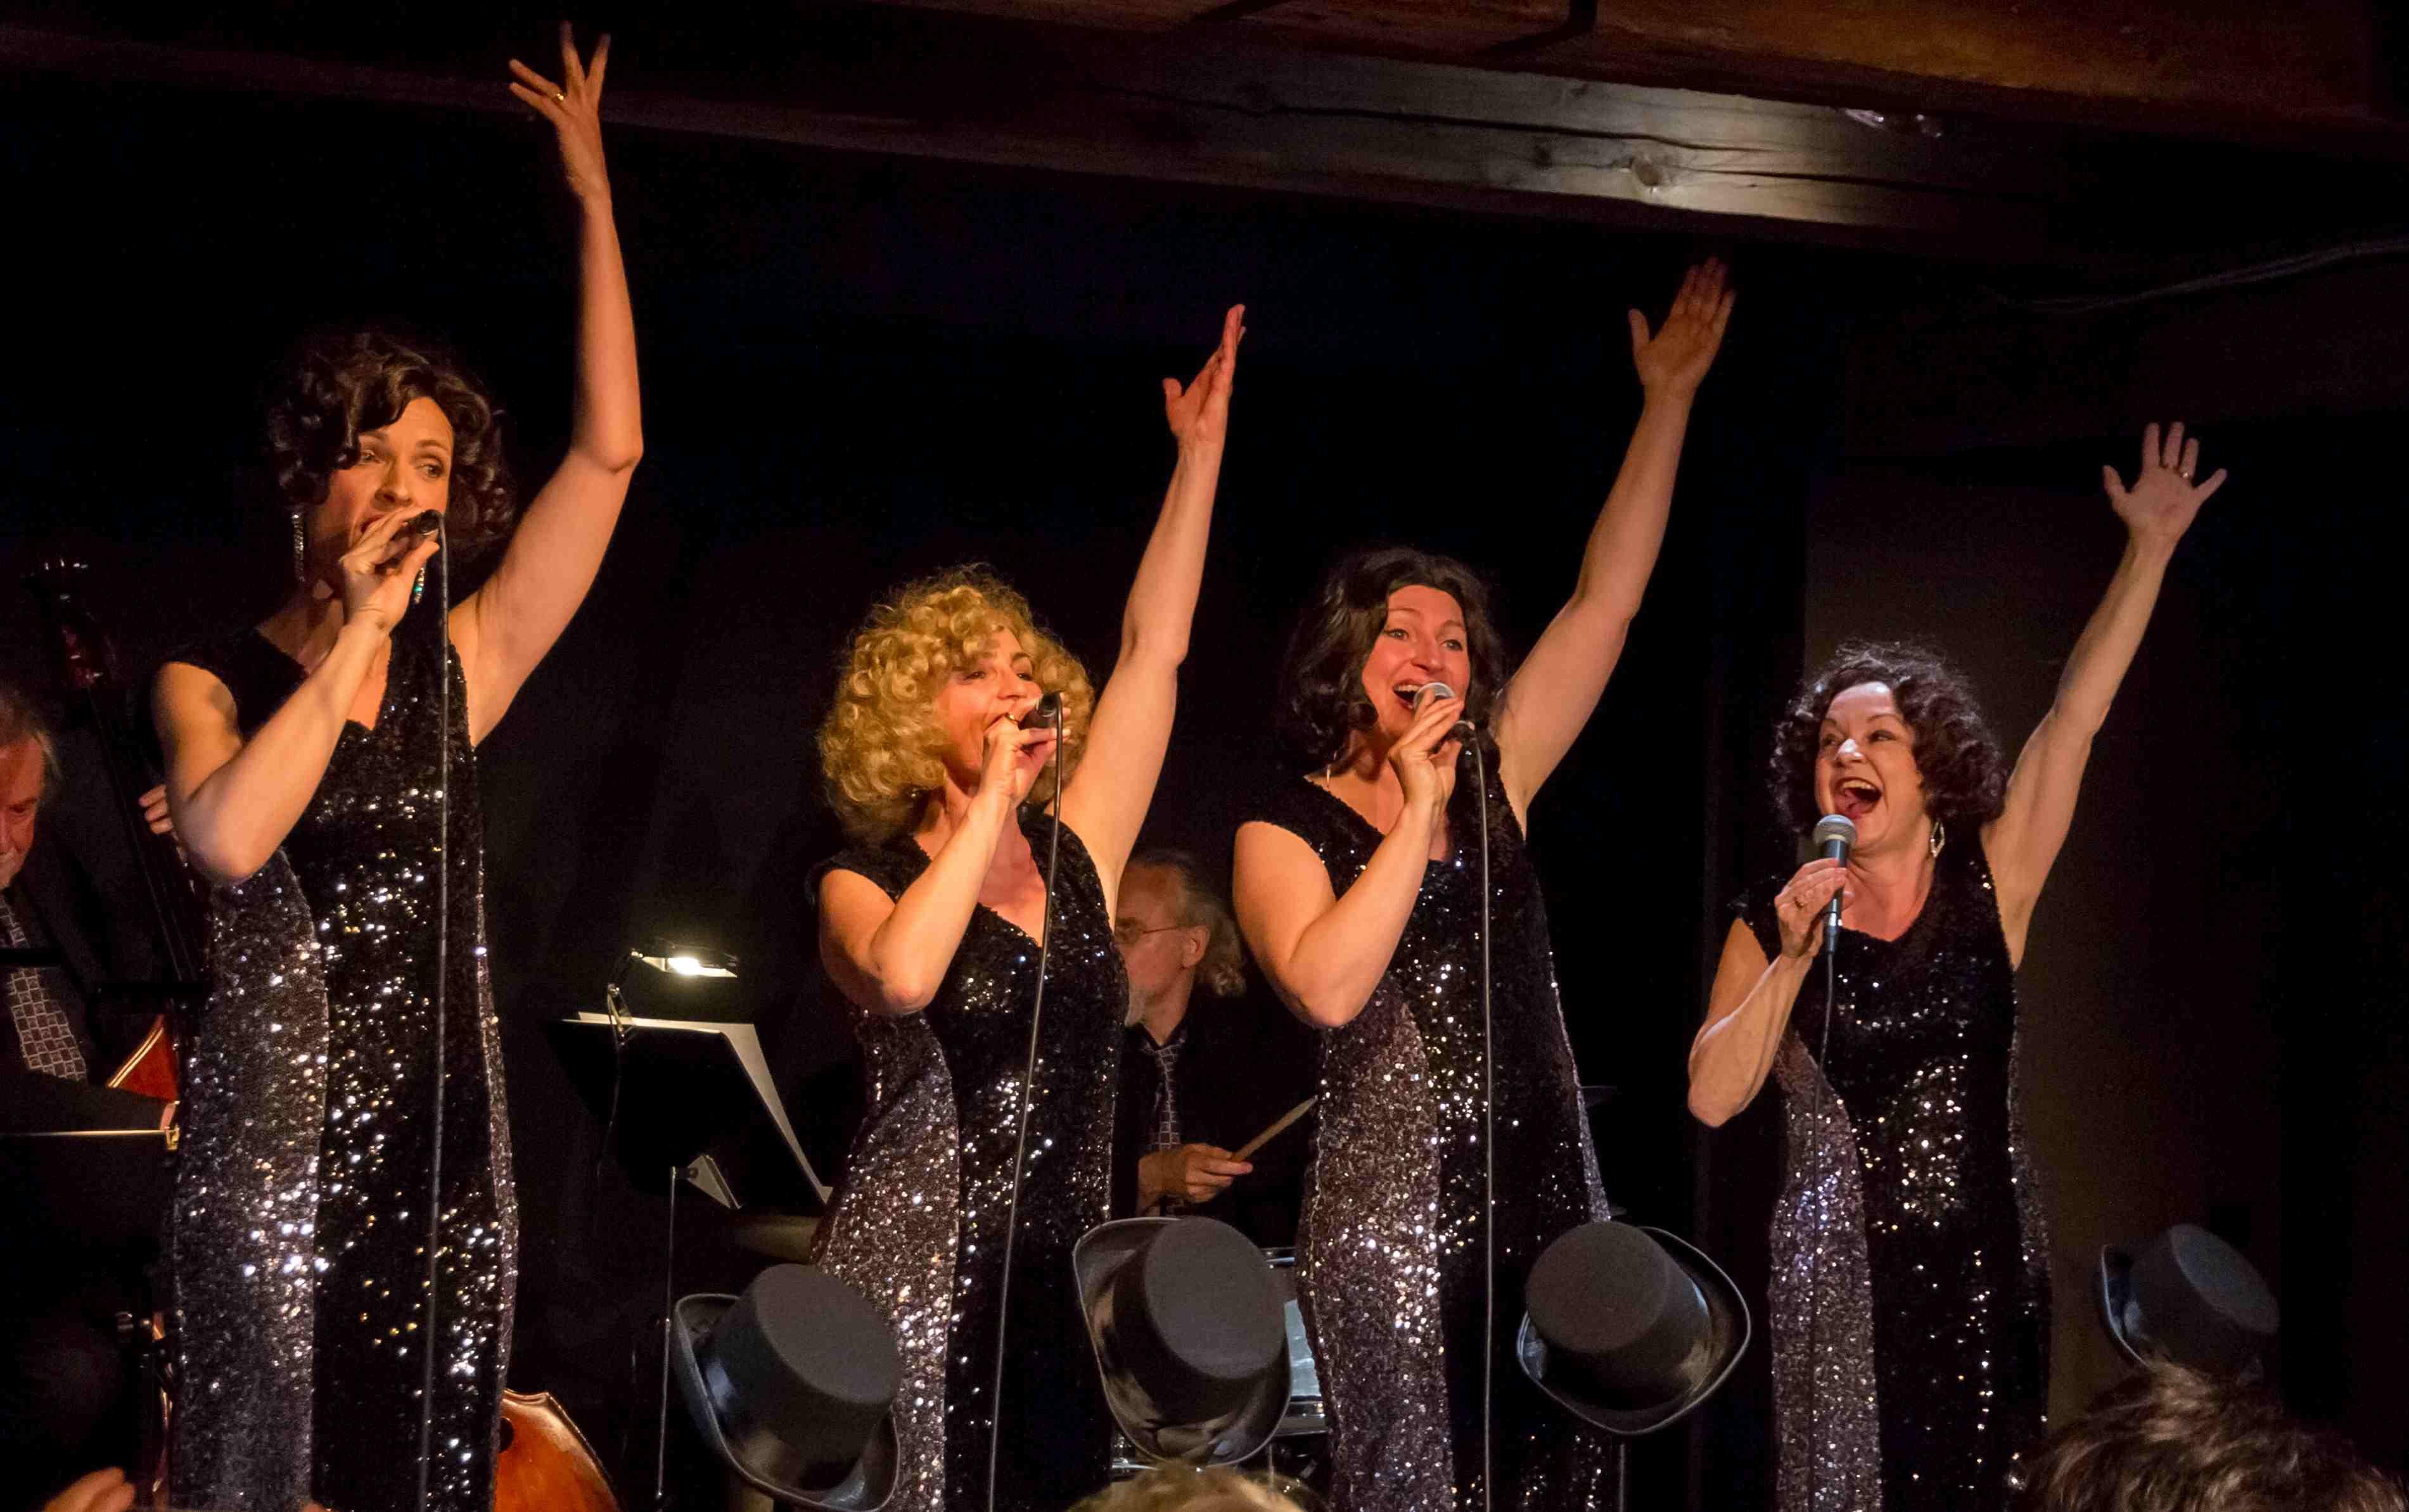 The Funny Valentines live 3, Vokalquartett, Swing, Jazz, Musik der 30er Jahre, Musik der 40er Jahre